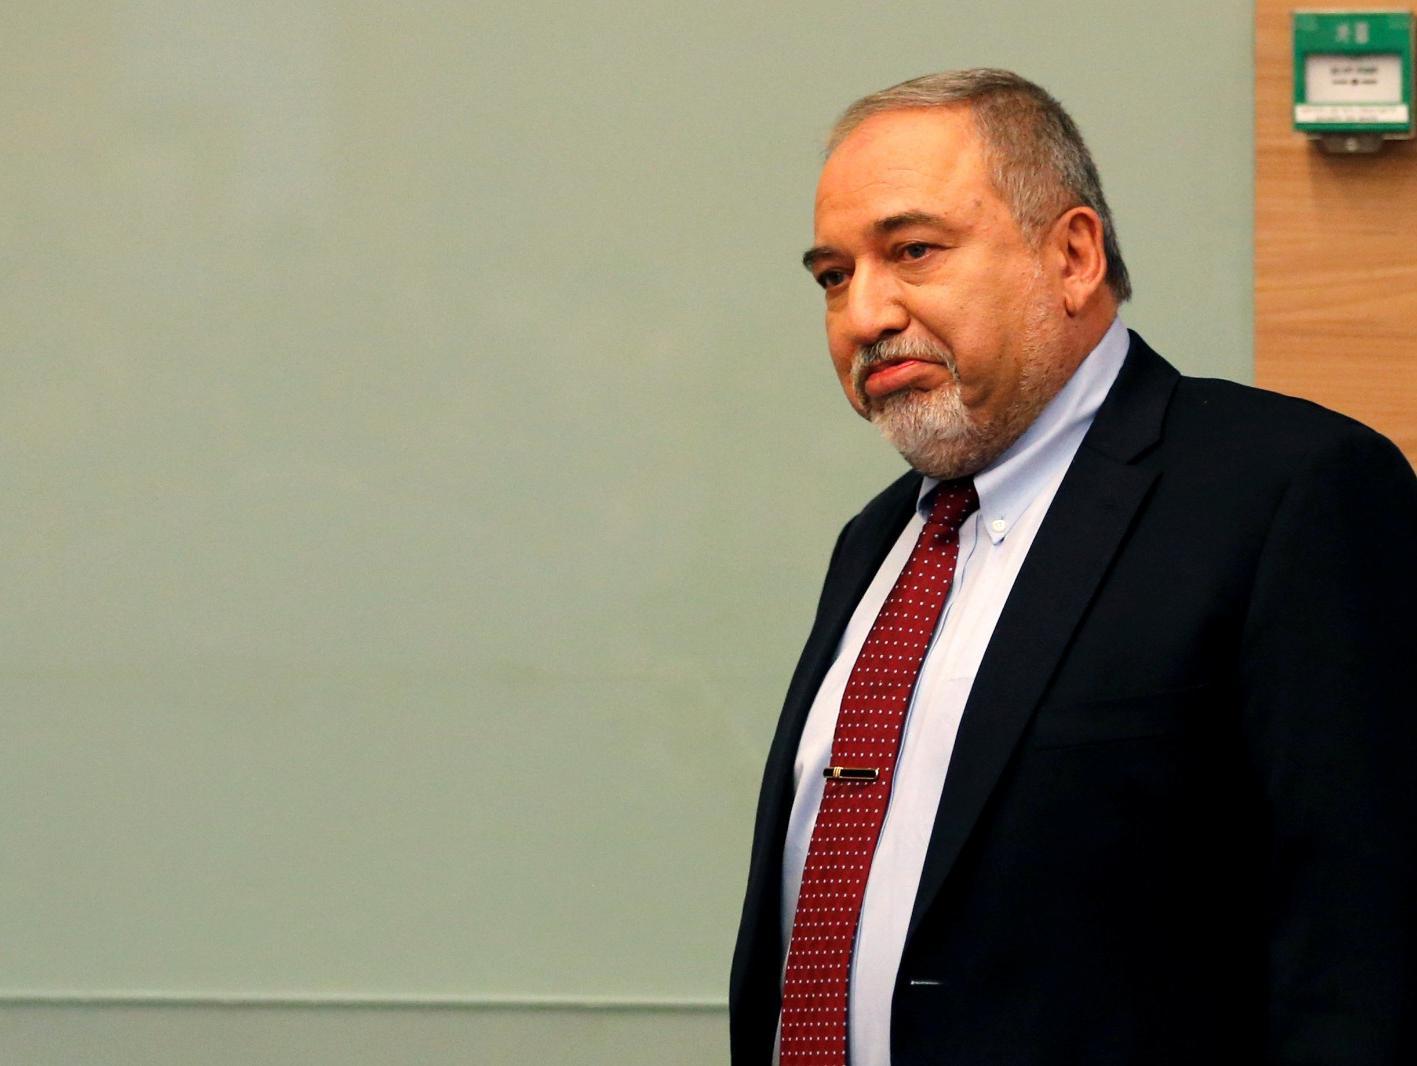 מכונה לקבלת החלטות: שר הביטחון אביגדור ליברמן הפתיע את צה